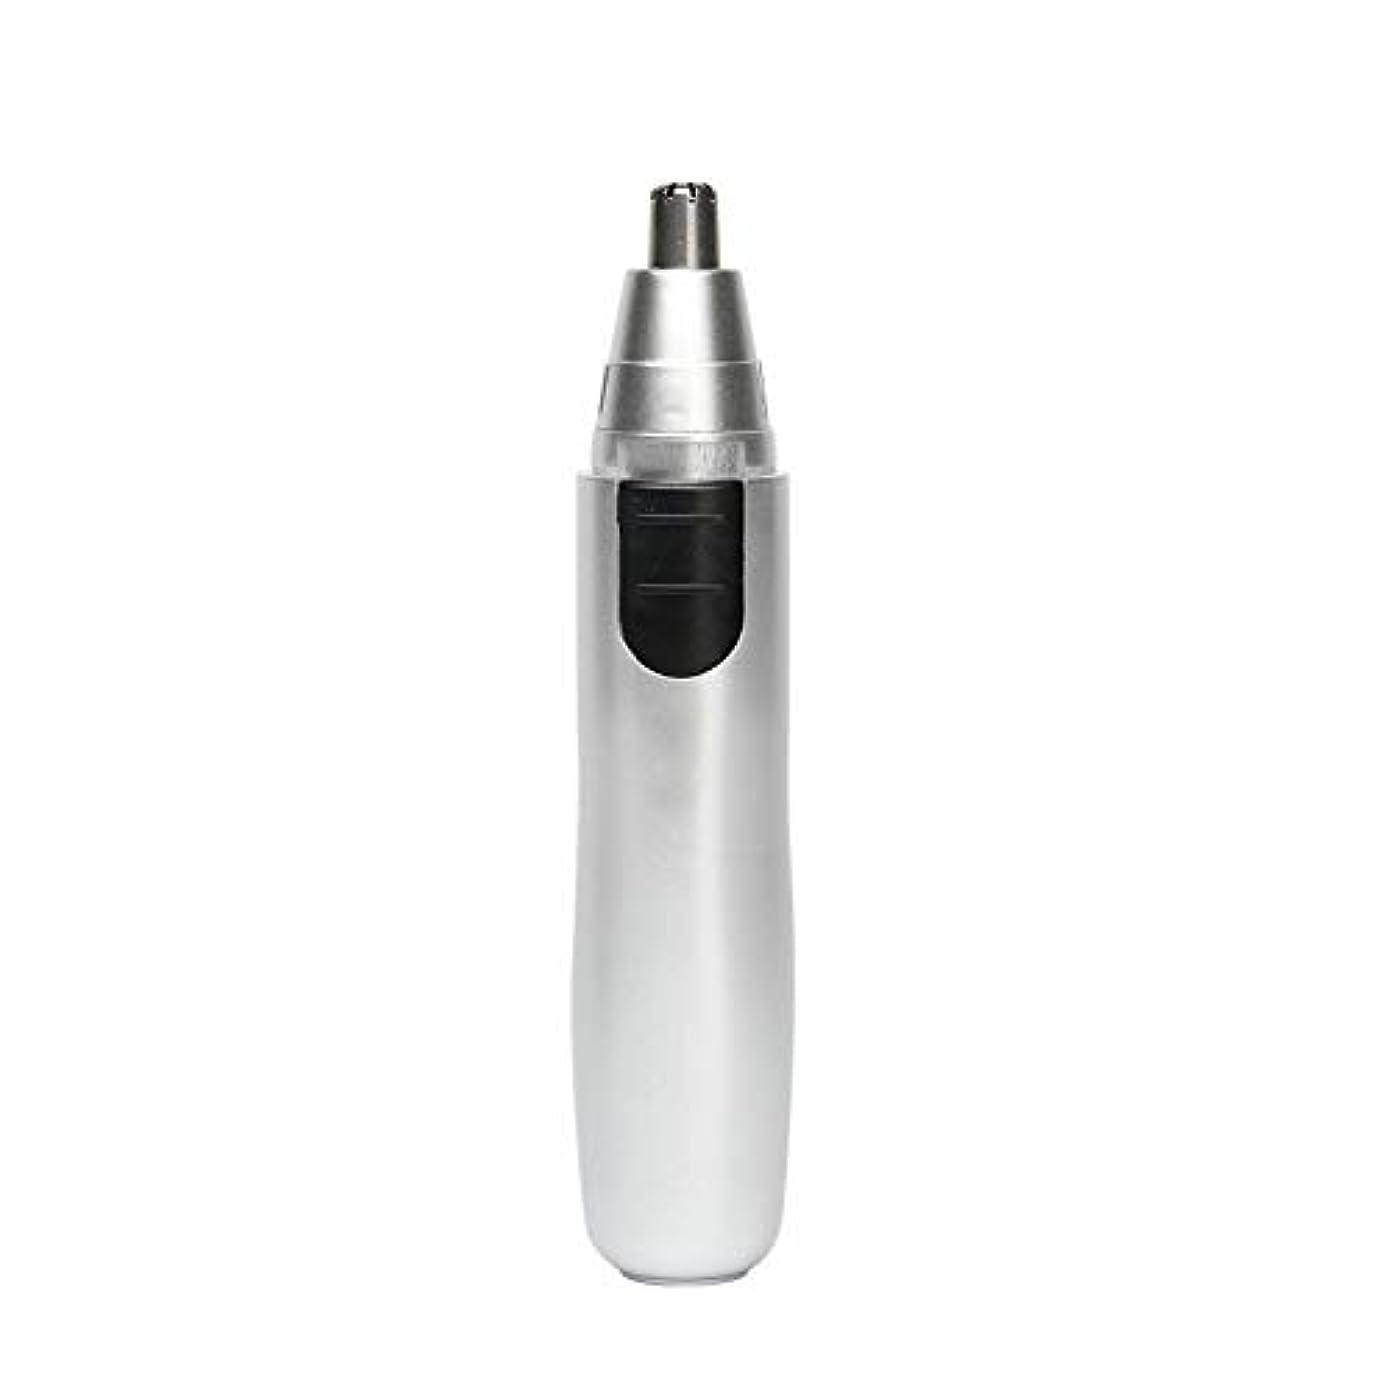 何十人も険しい差別男性の耳の毛と鼻毛のトリマー、電気シェーバー防水フェイシャルトリマー鼻の鼻毛掃除機システム